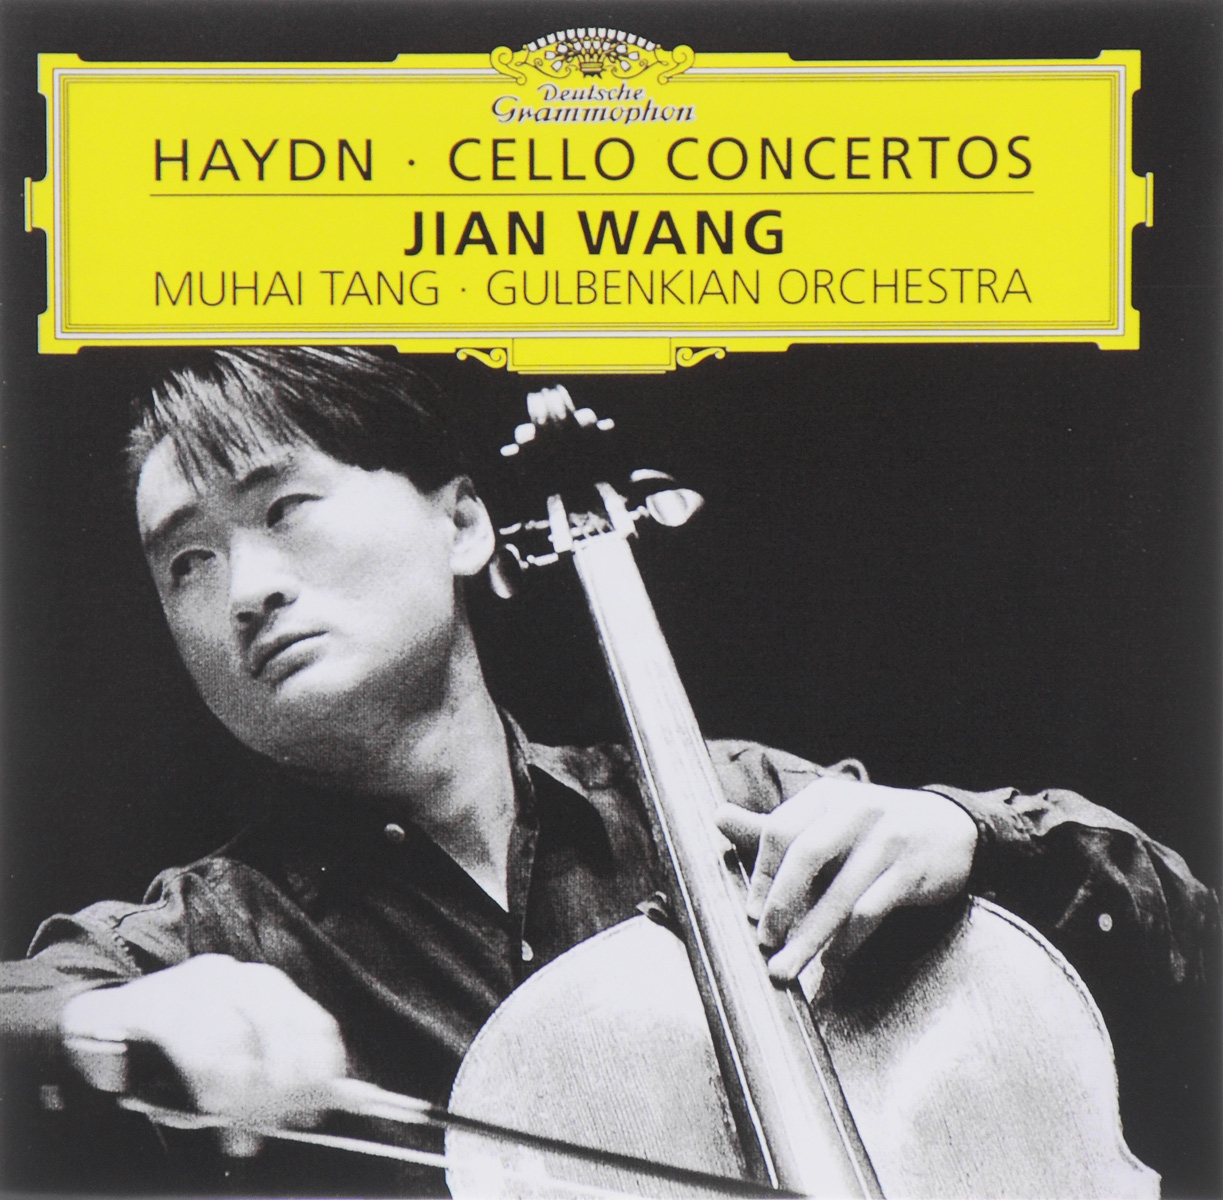 Ян Вэнг,Мухей Тенг,Gulbenkian Orchestra Jian Wang, Muhai Tang. Haydn. Cello Concertos